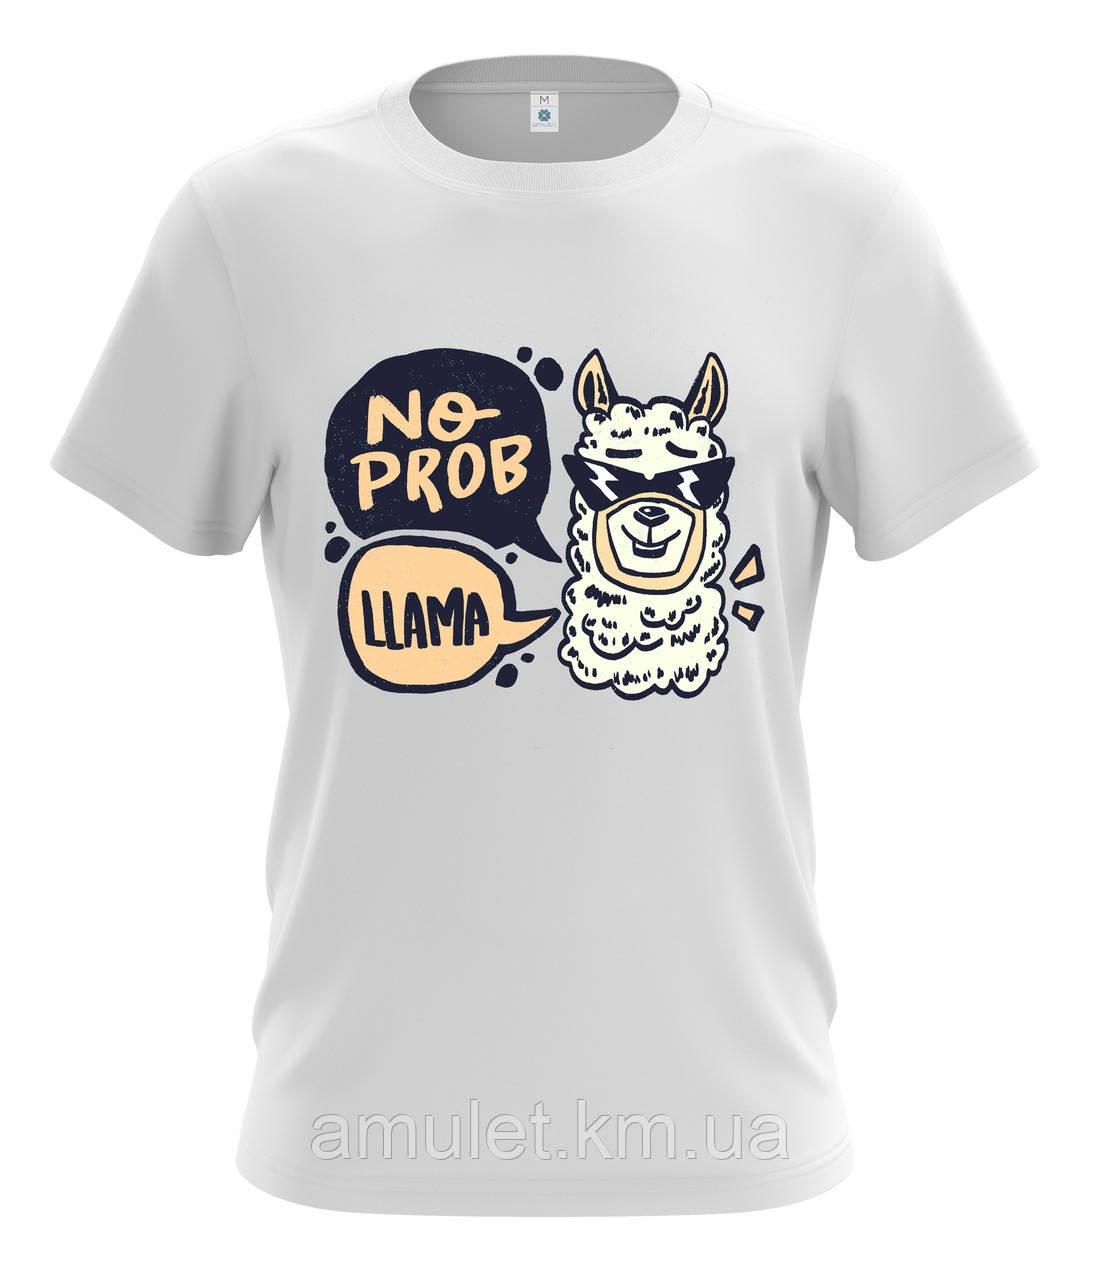 """Футболка чоловіча біла """"No prob Llama"""""""